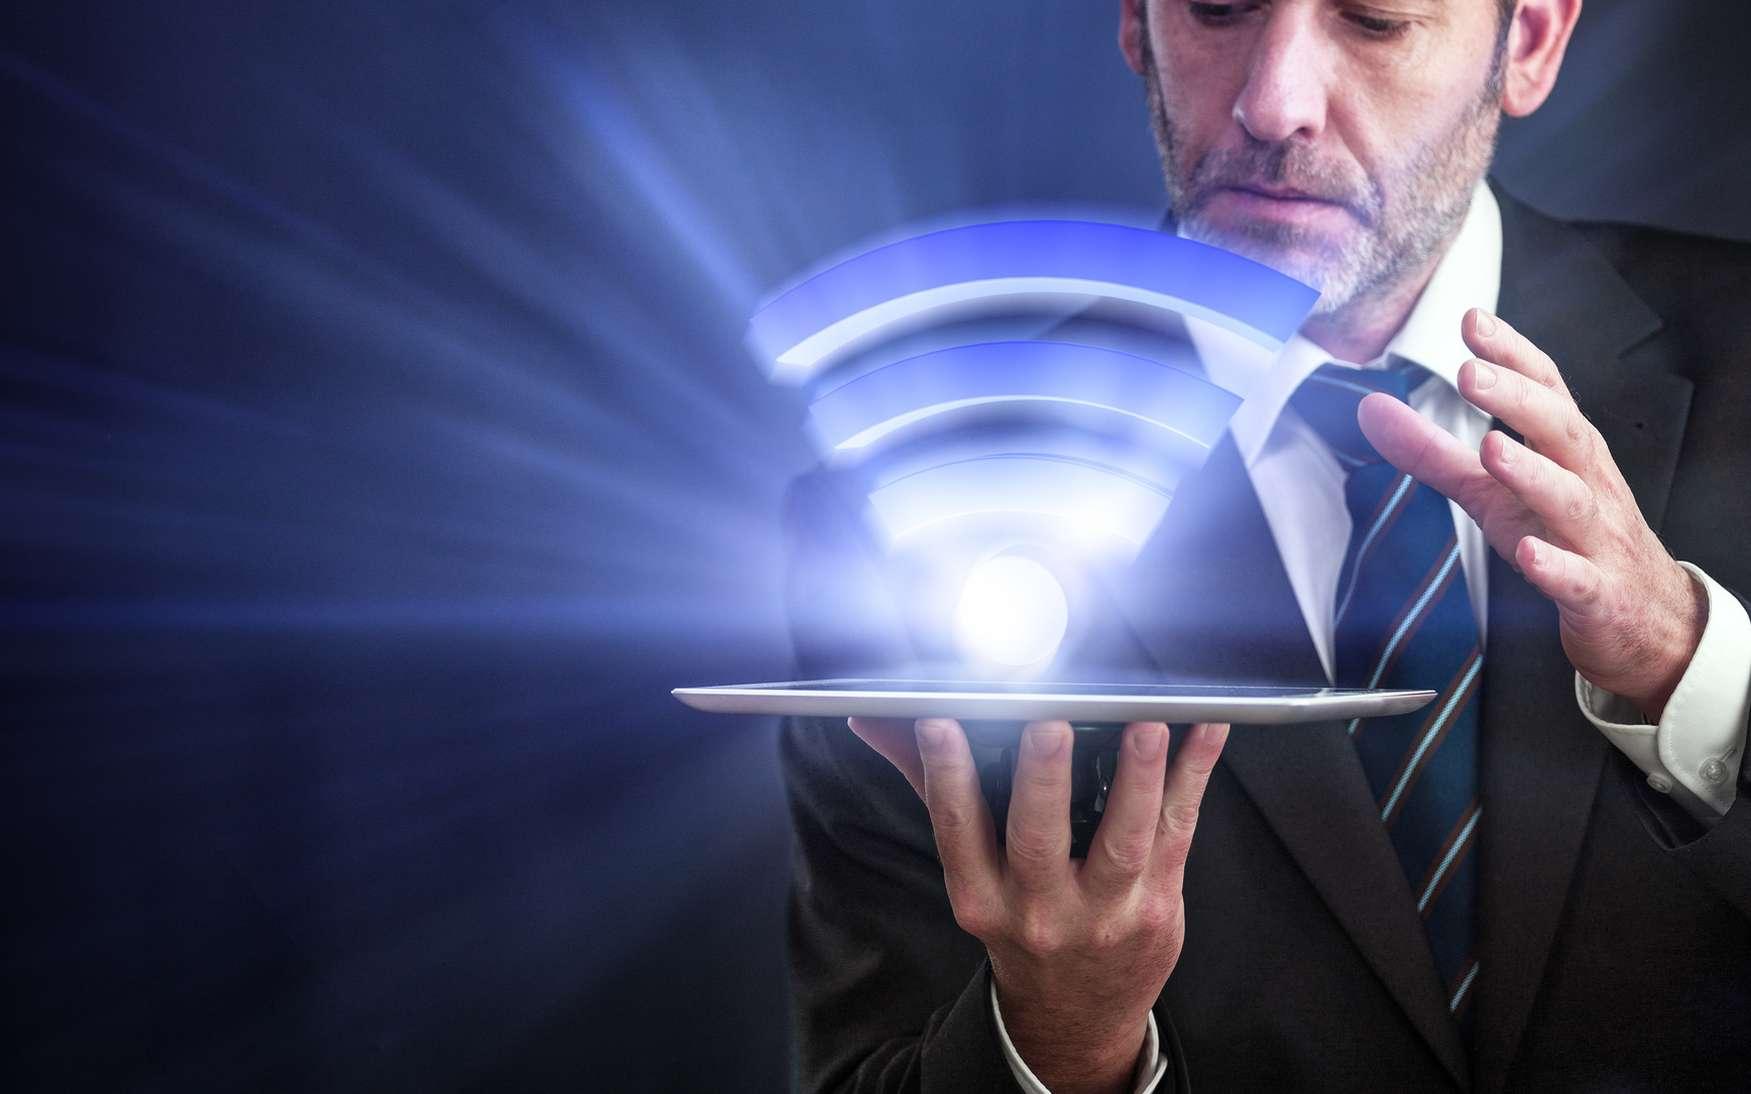 Le principe de fonctionnement du Li-Fi remonte à Alexander Graham Bell. C'est toutefois l'éclairage Led qui a permis l'essor de cette technologie. © AA+W, fotolia